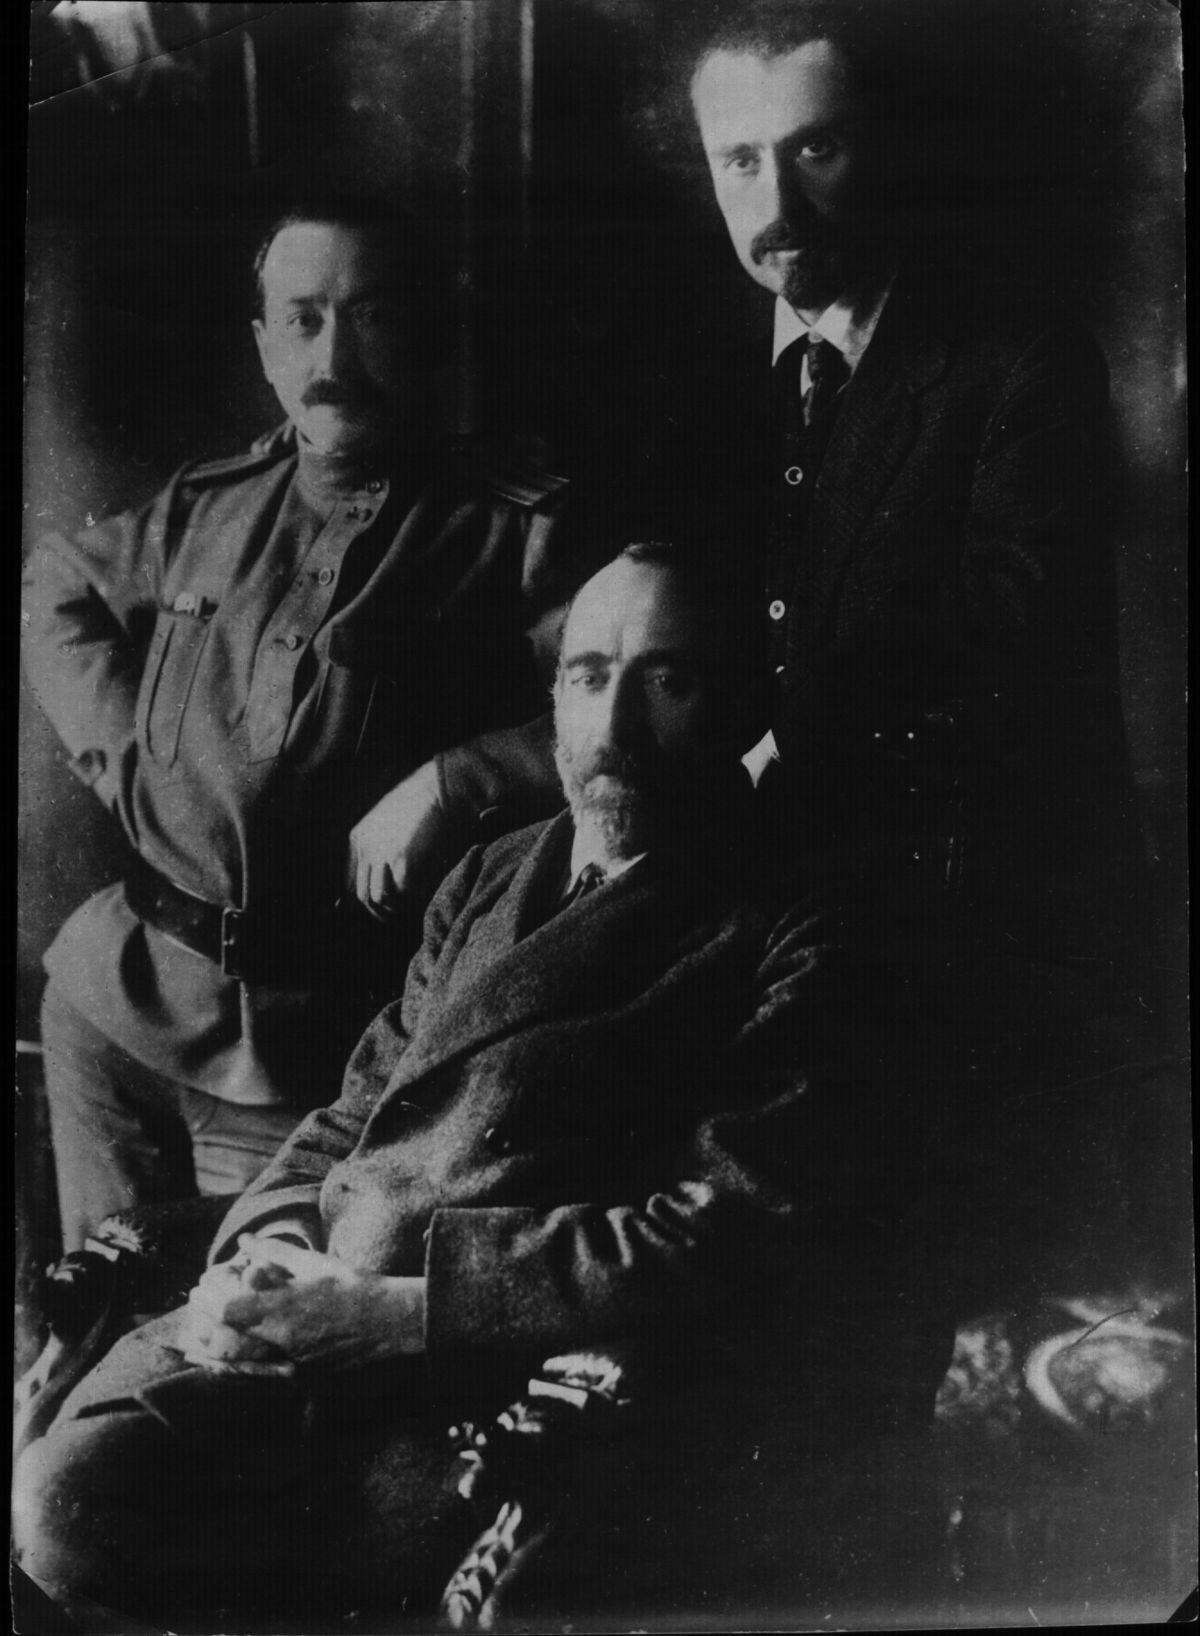 17. Март. Группа меньшевиков (слева направо) Ф. И. Дан, Н. С. Чхеидзе, И. Г. Церетели. Петроград